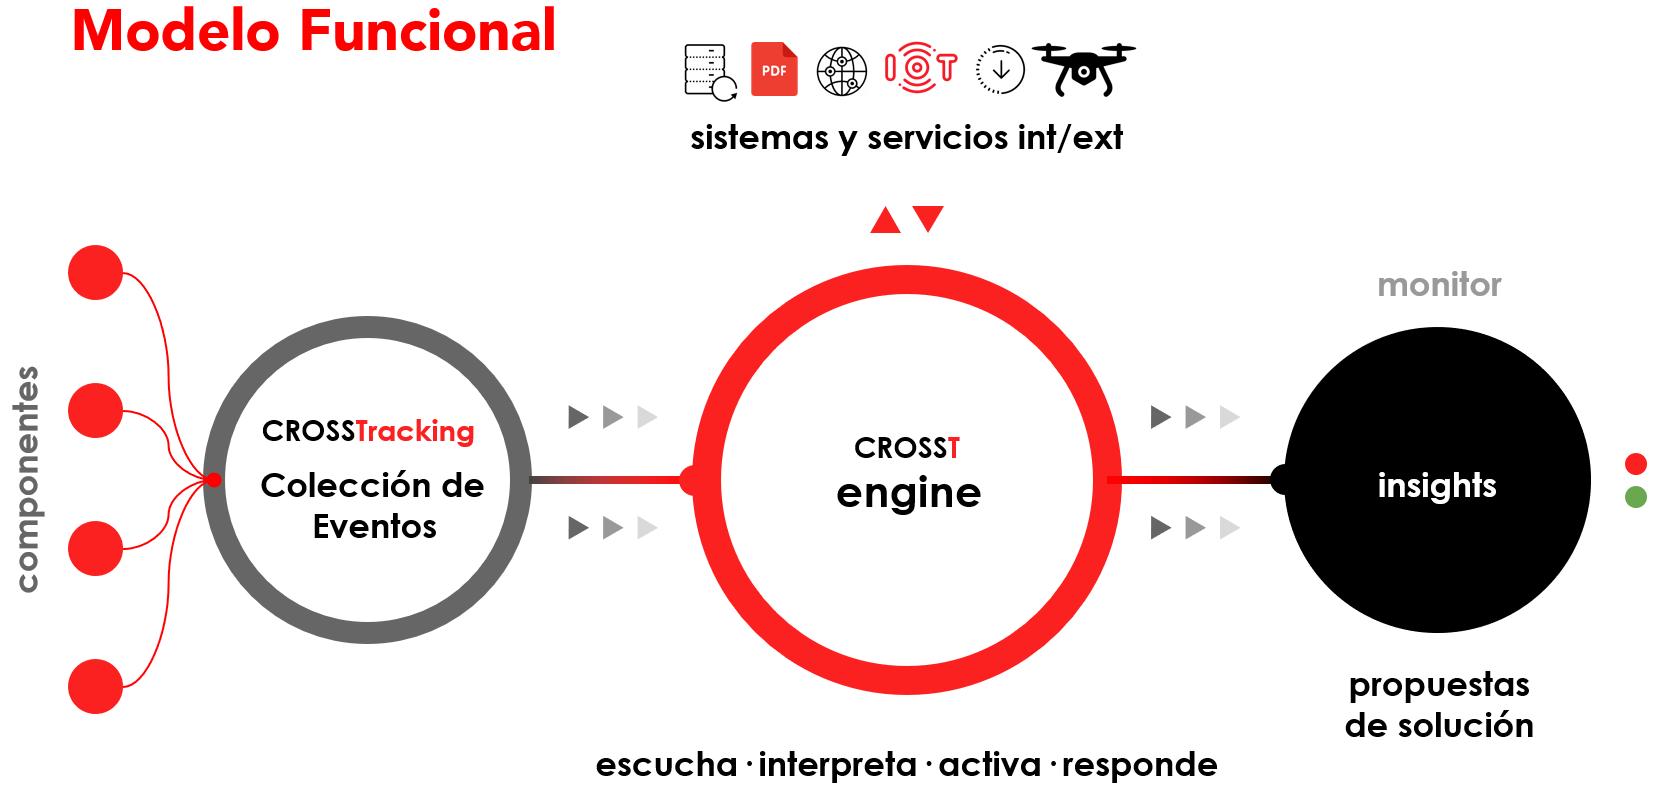 Modelo Funcional Sistema Integrado de Gestión de Procesos en Tiempo Real